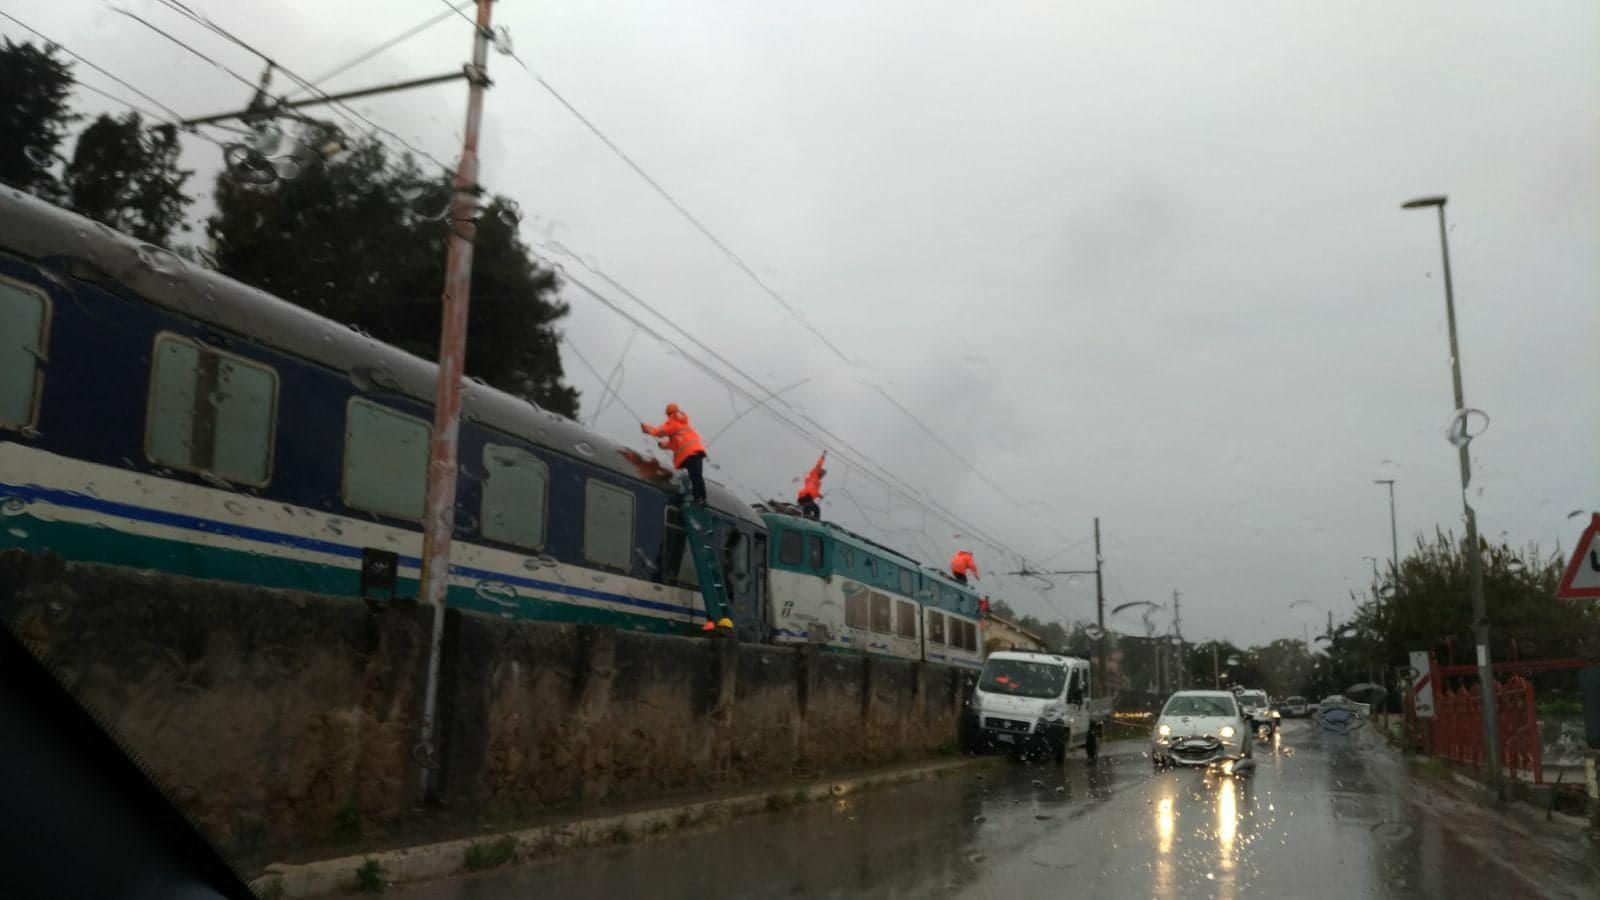 Cefalù: cadono i cavi sul treno in corsa, panico tra i passeggeri